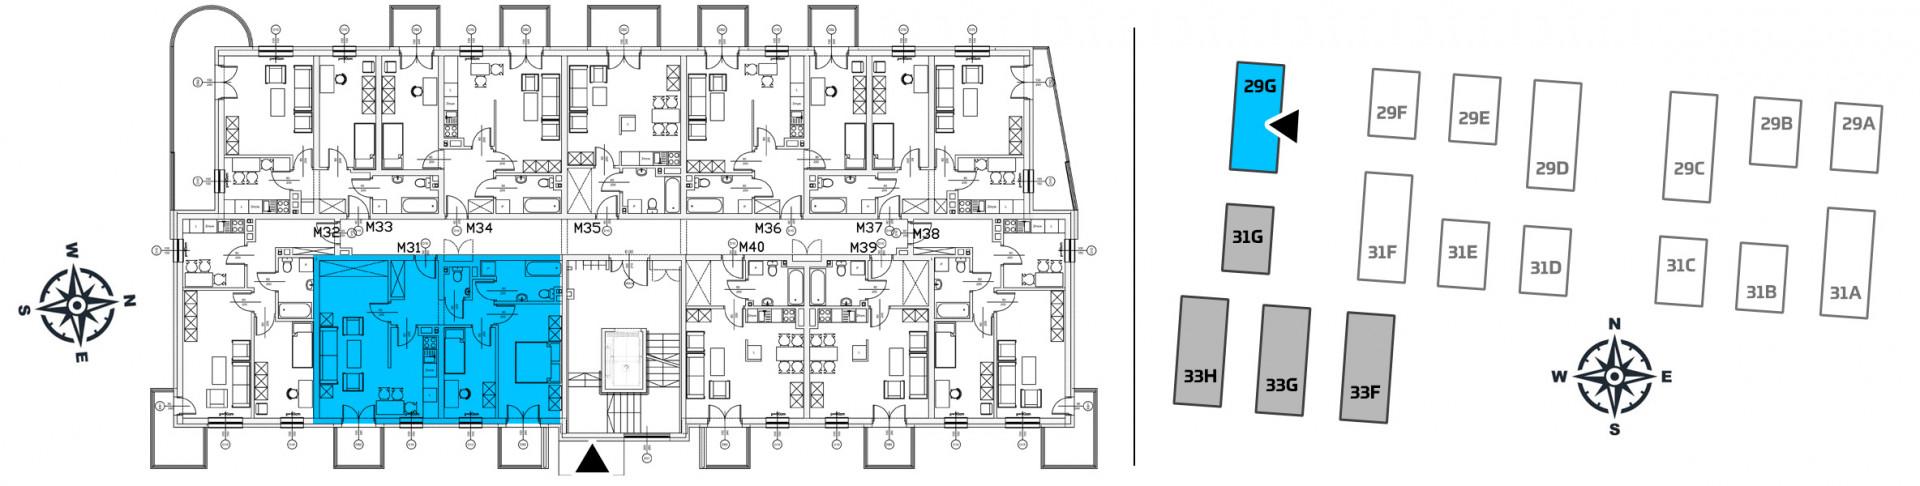 Mieszkanie trzypokojowe 29G/31 rzut 2